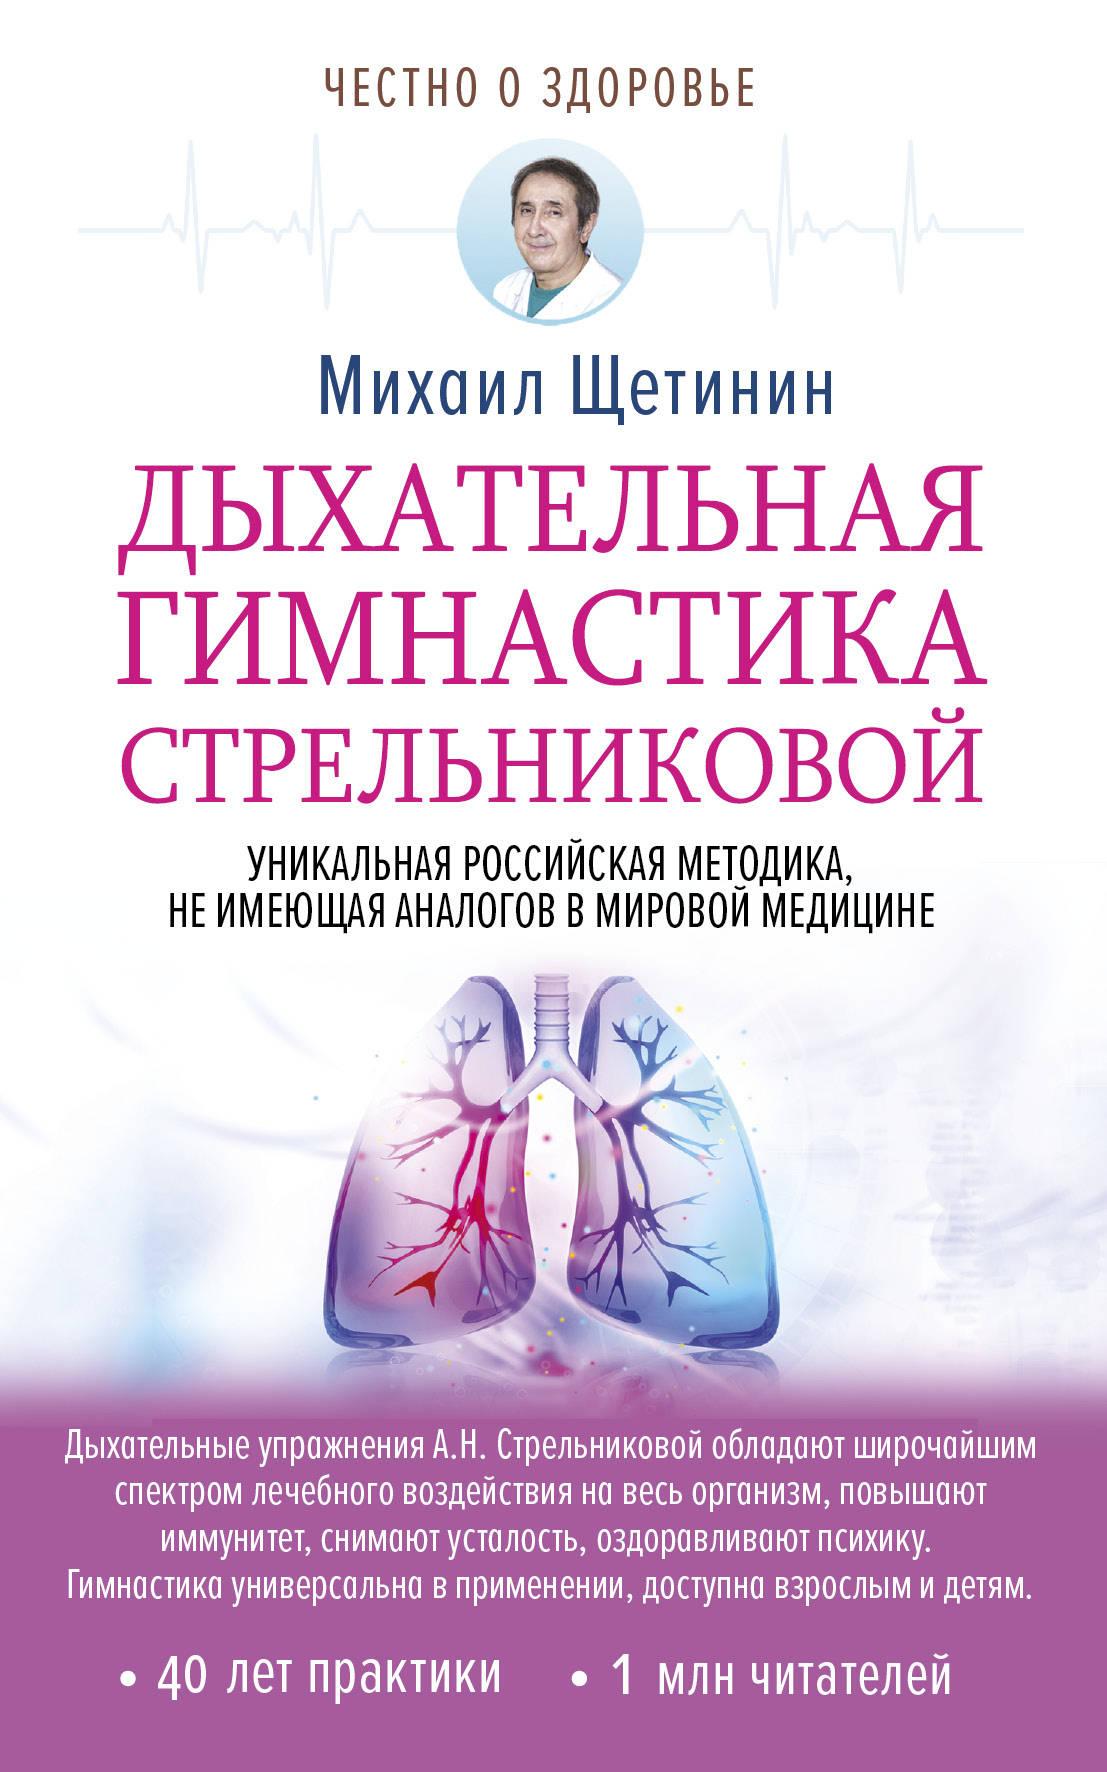 Дыхательная гимнастика Стрельниковой ( Михаил Щетинин  )